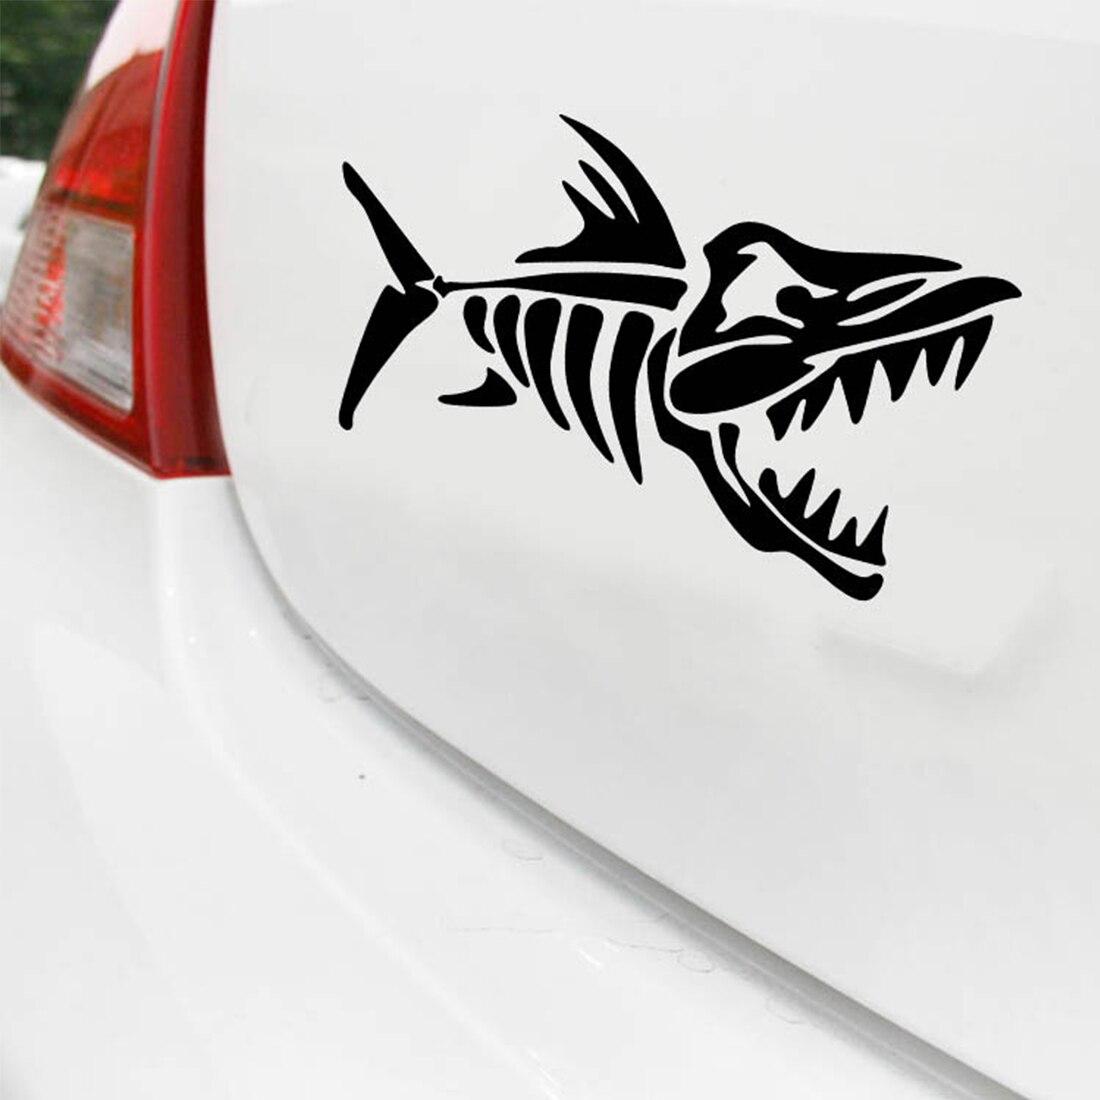 Car Styling Réfléchissant Poisson Arête De Poisson Anti-Scratch Autocollant  De Voiture Voiture Moto Corps Porte Windown Queue Decal Sticker Auto Partie 9843c075647